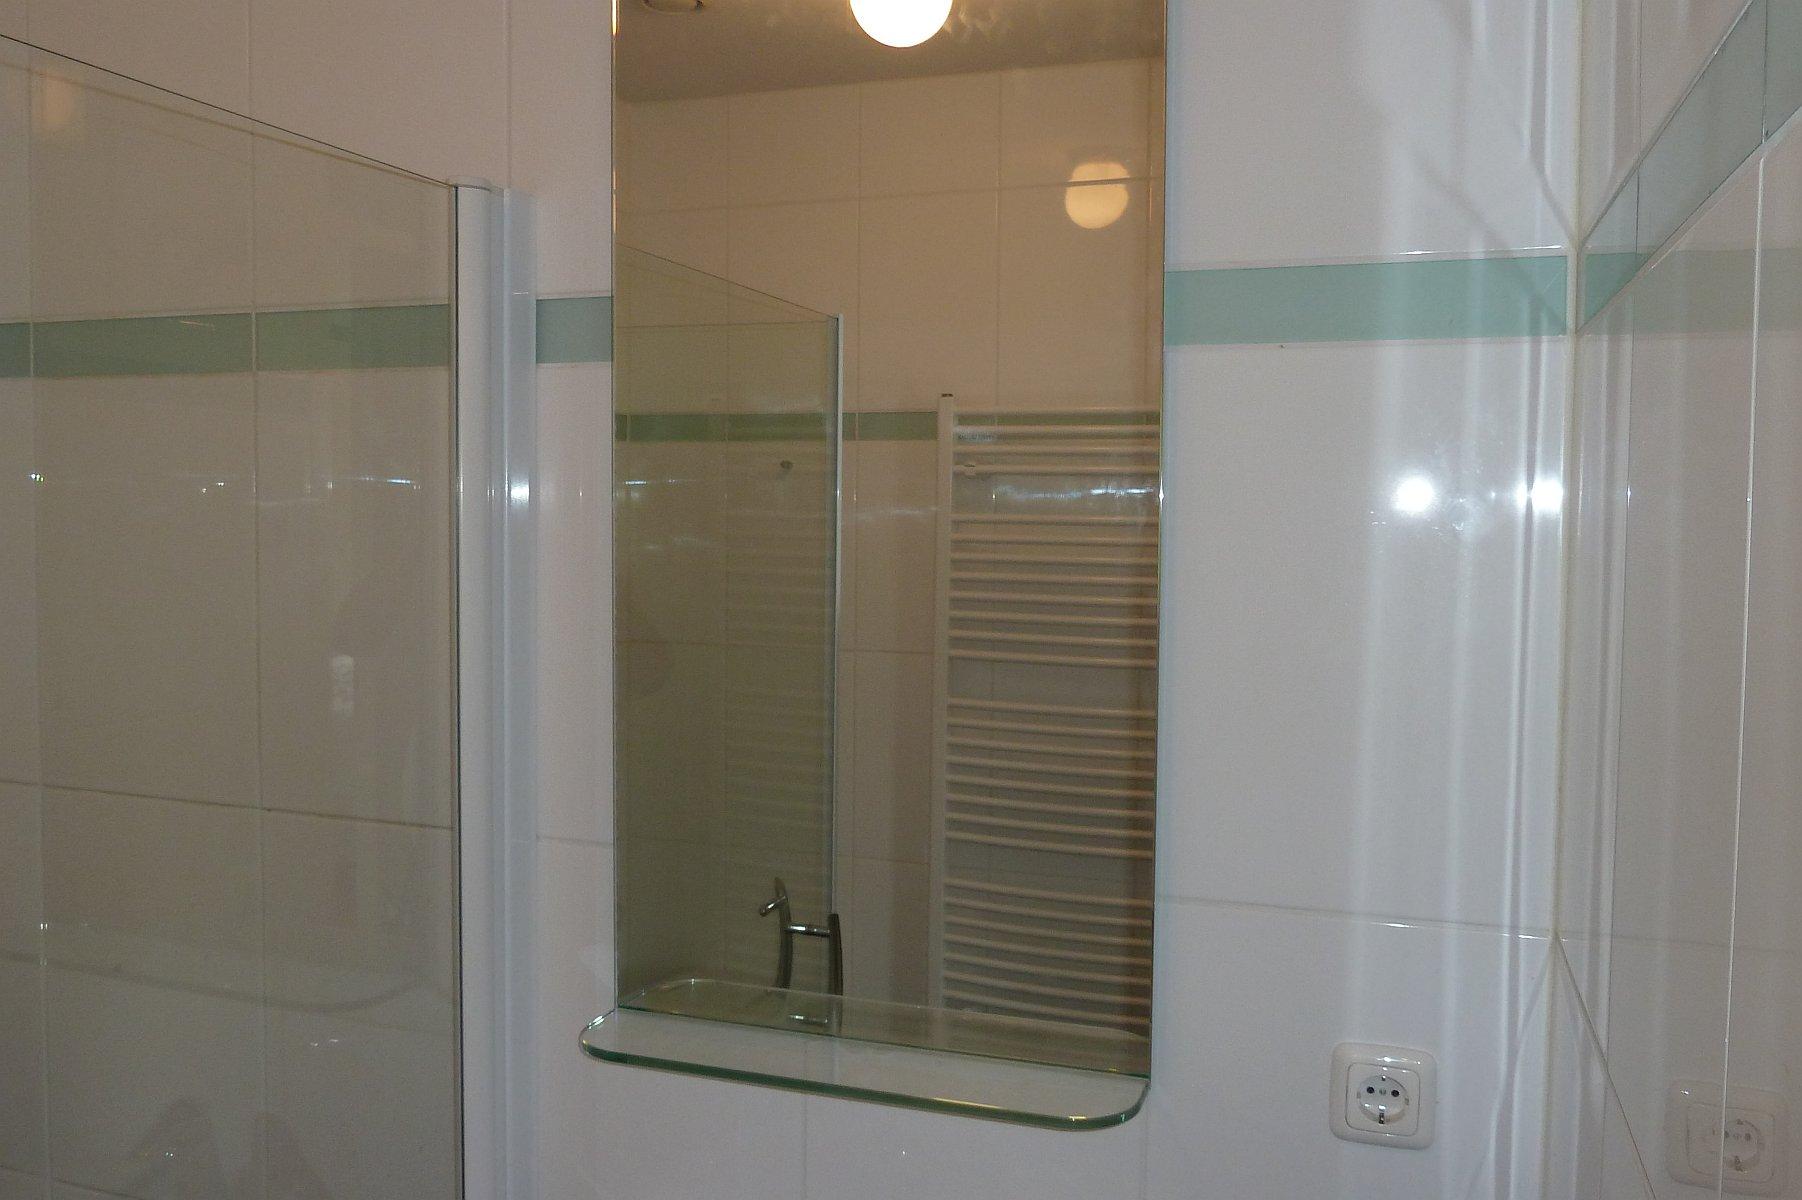 https://www.hijmanglas.nl/site/badkamerspiegel-met-glazen-planchet-zoetermeer/$FILE/badkamerspiegel-met-glazen-planchet-zoetermeer01.jpg